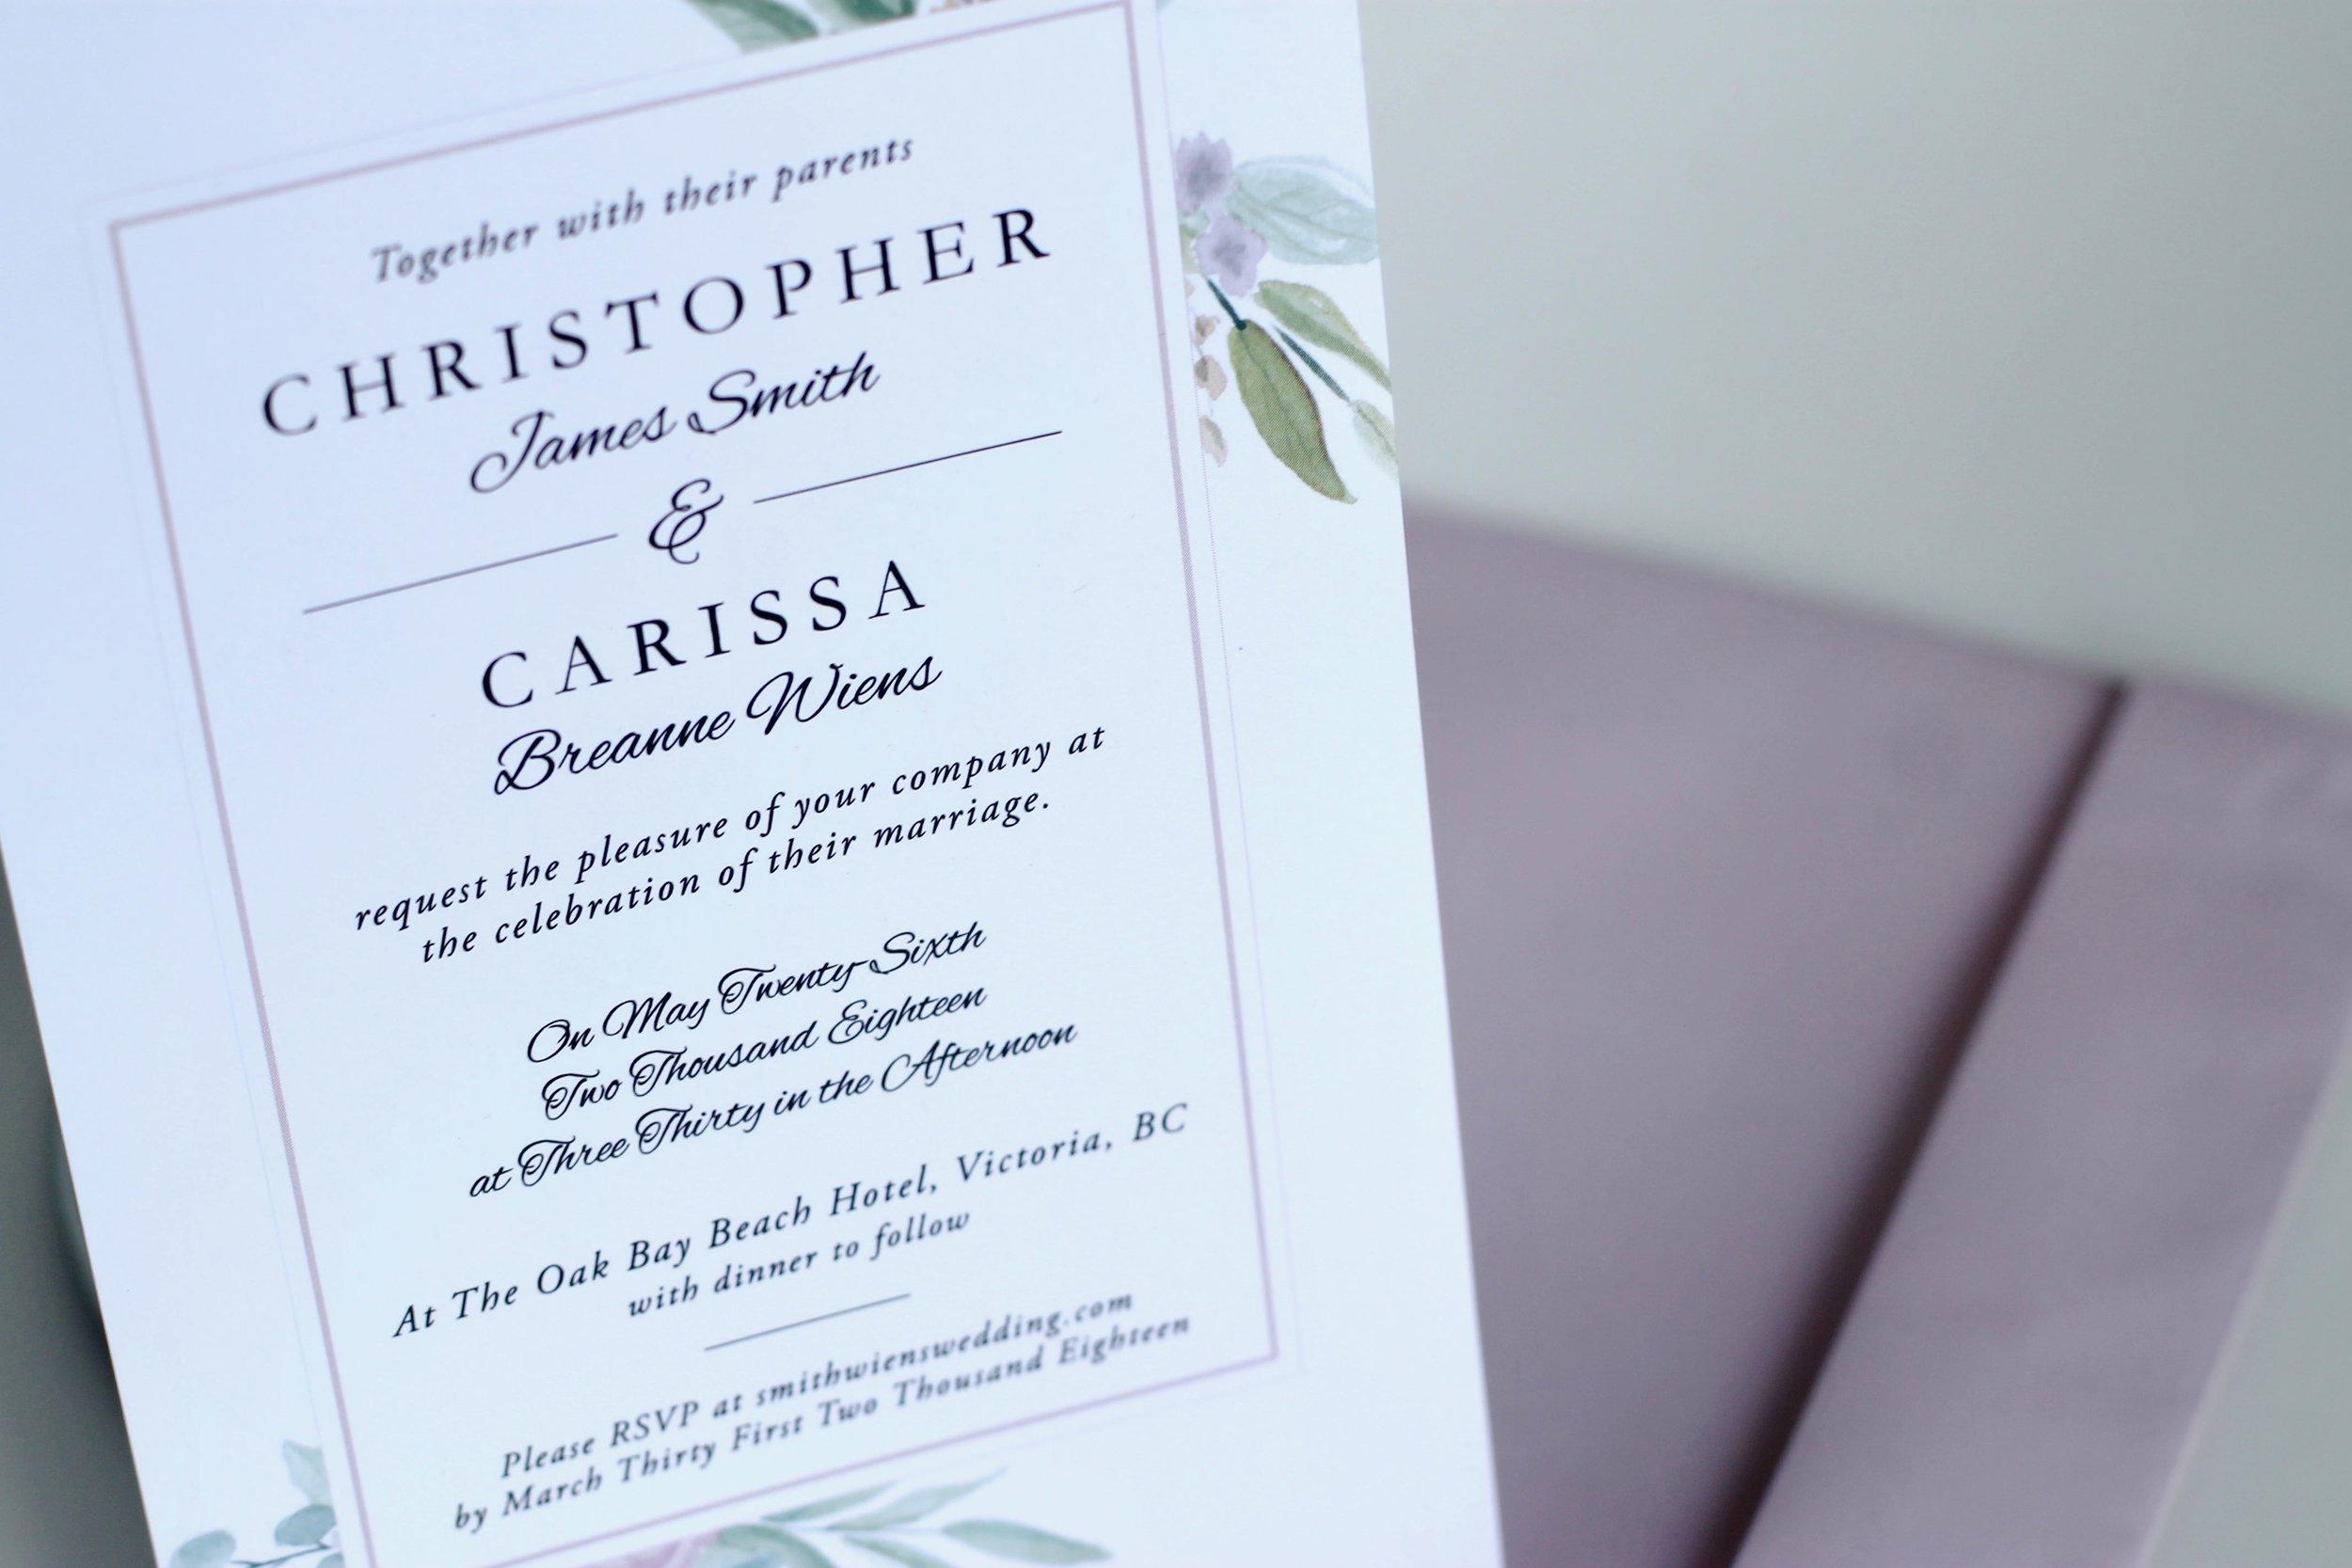 Chris & Carissa's Wedding Invite, 2017